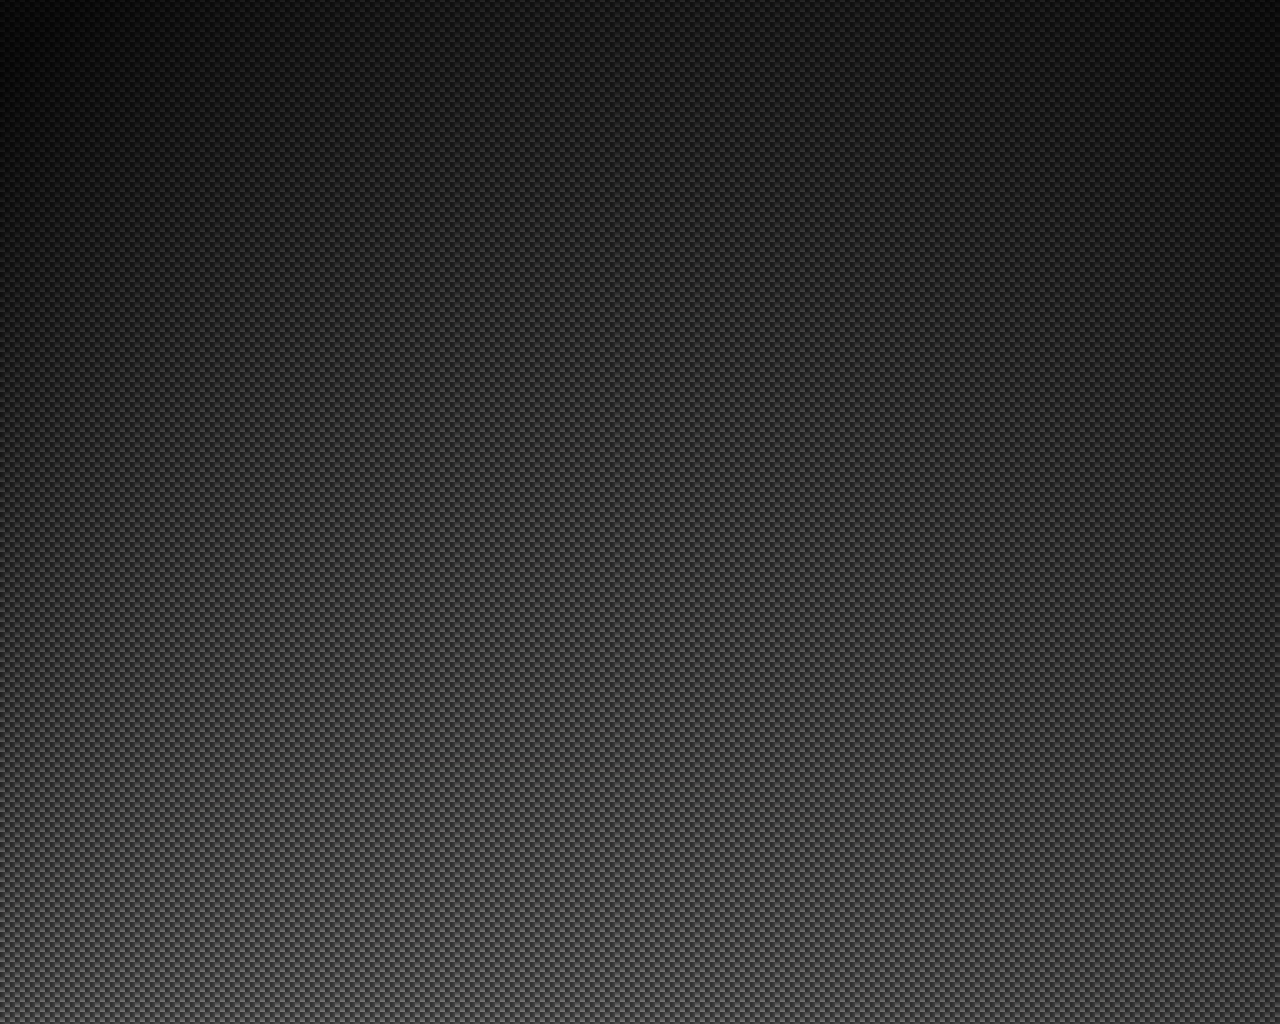 FREE Carbon Fiber Wallpaper ebin 1280x1024